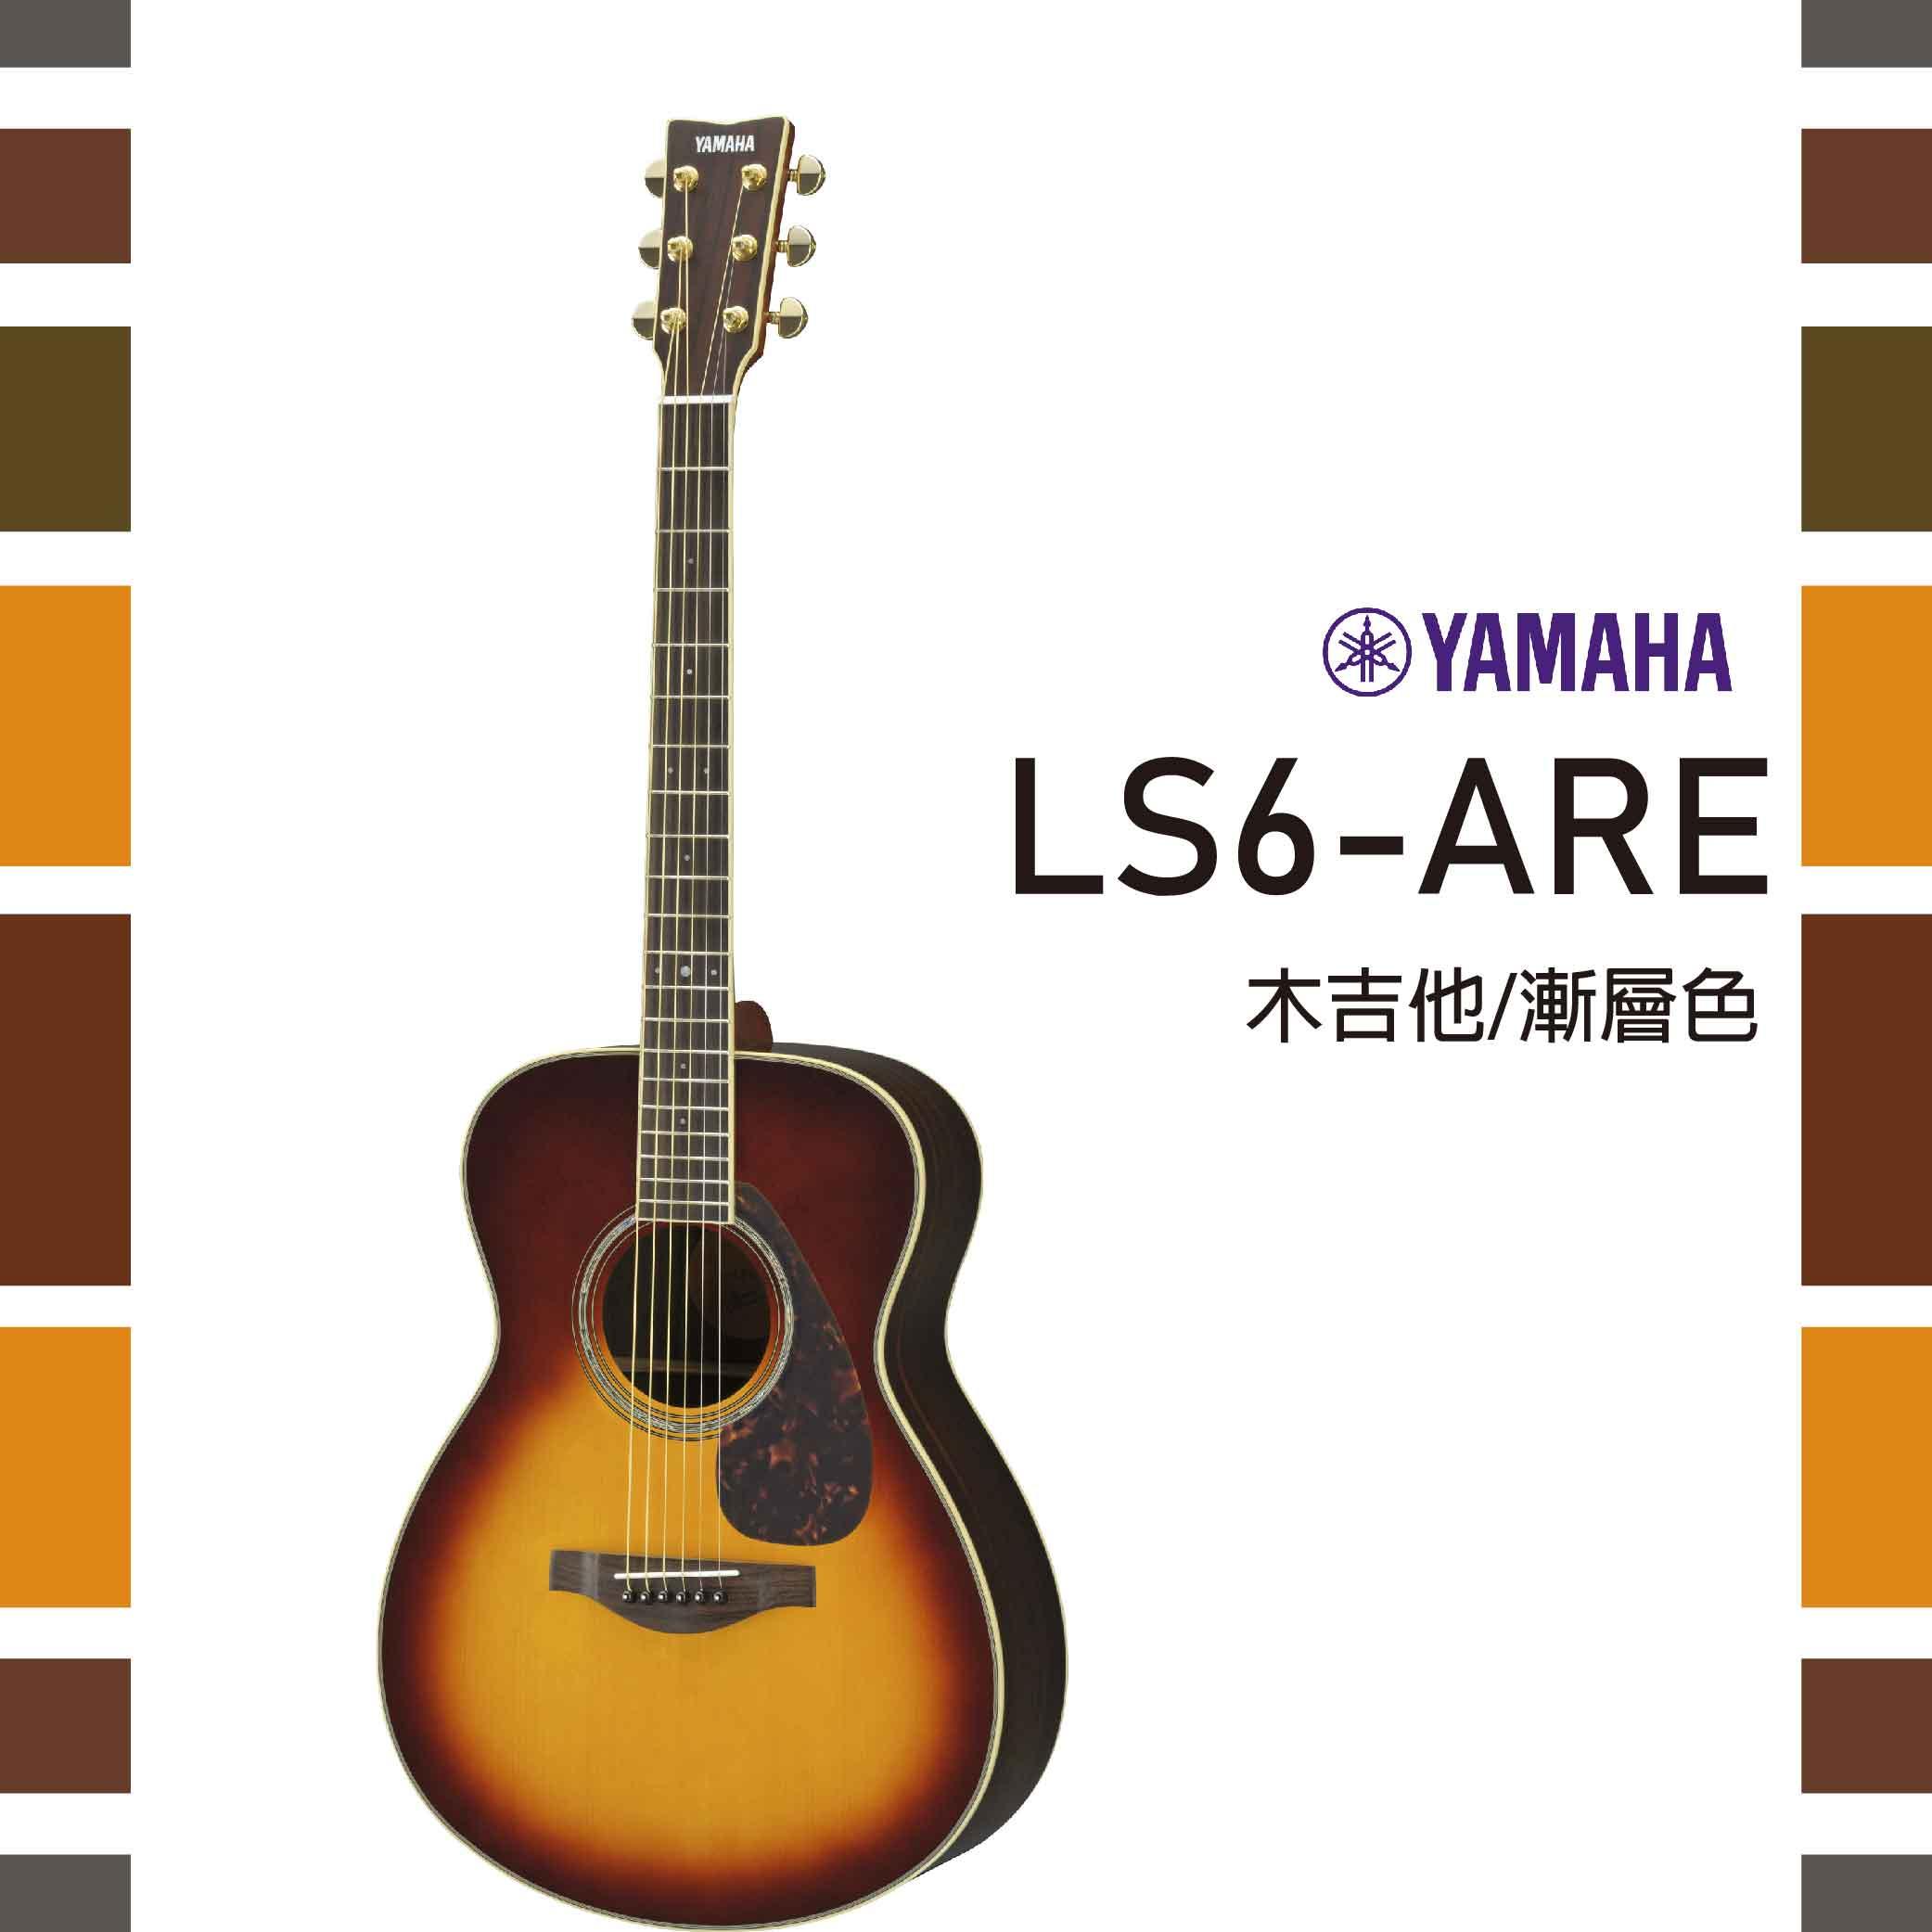 ~非凡樂器~YAMAHA LS6~ARE 單板木吉他 貨 漸層色